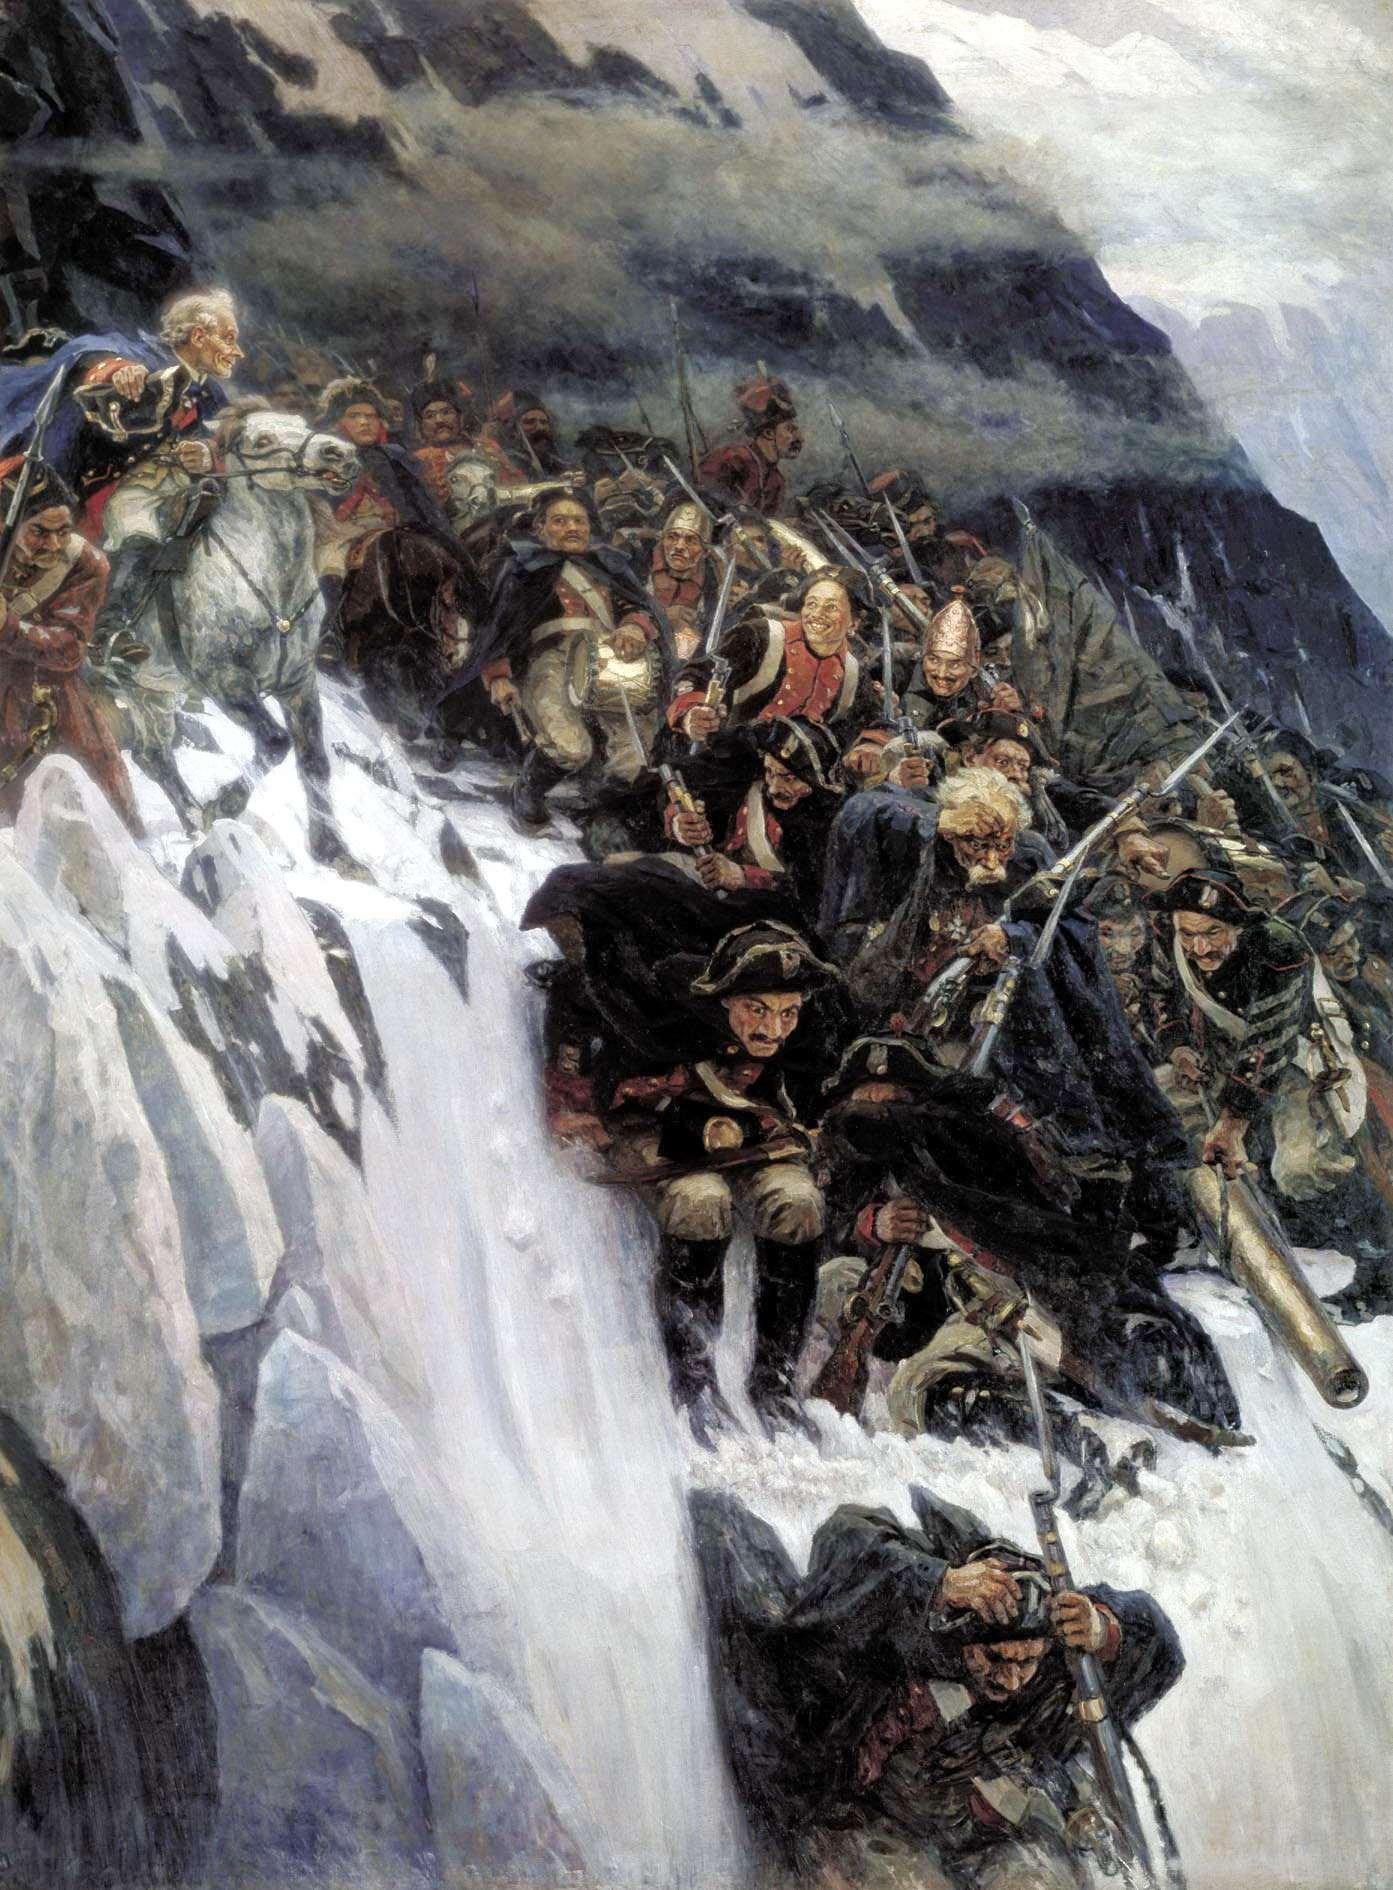 СУРИКОВ Василий - Переход Суворова через Альпы в 1799 году.